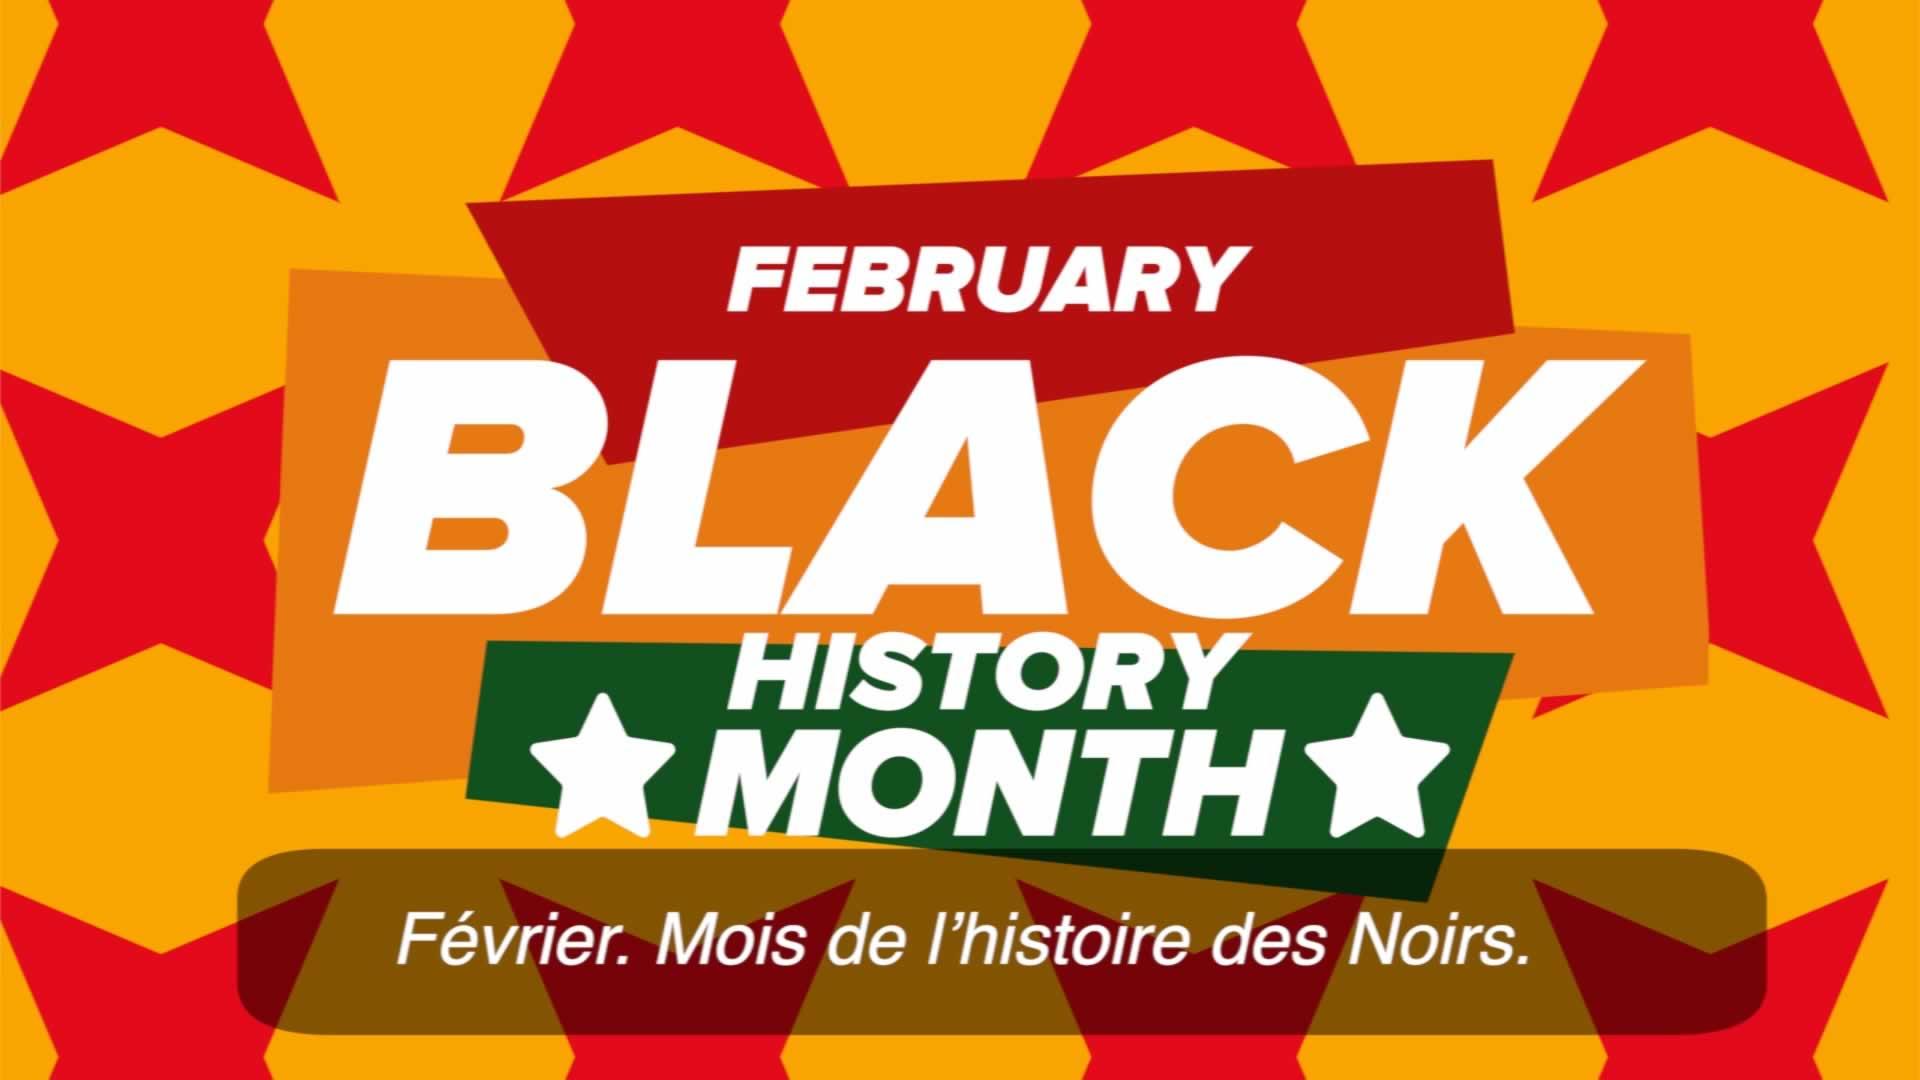 Le Mois de l'histoire des Noirs : Célébrer la résilience et continuer la résistance